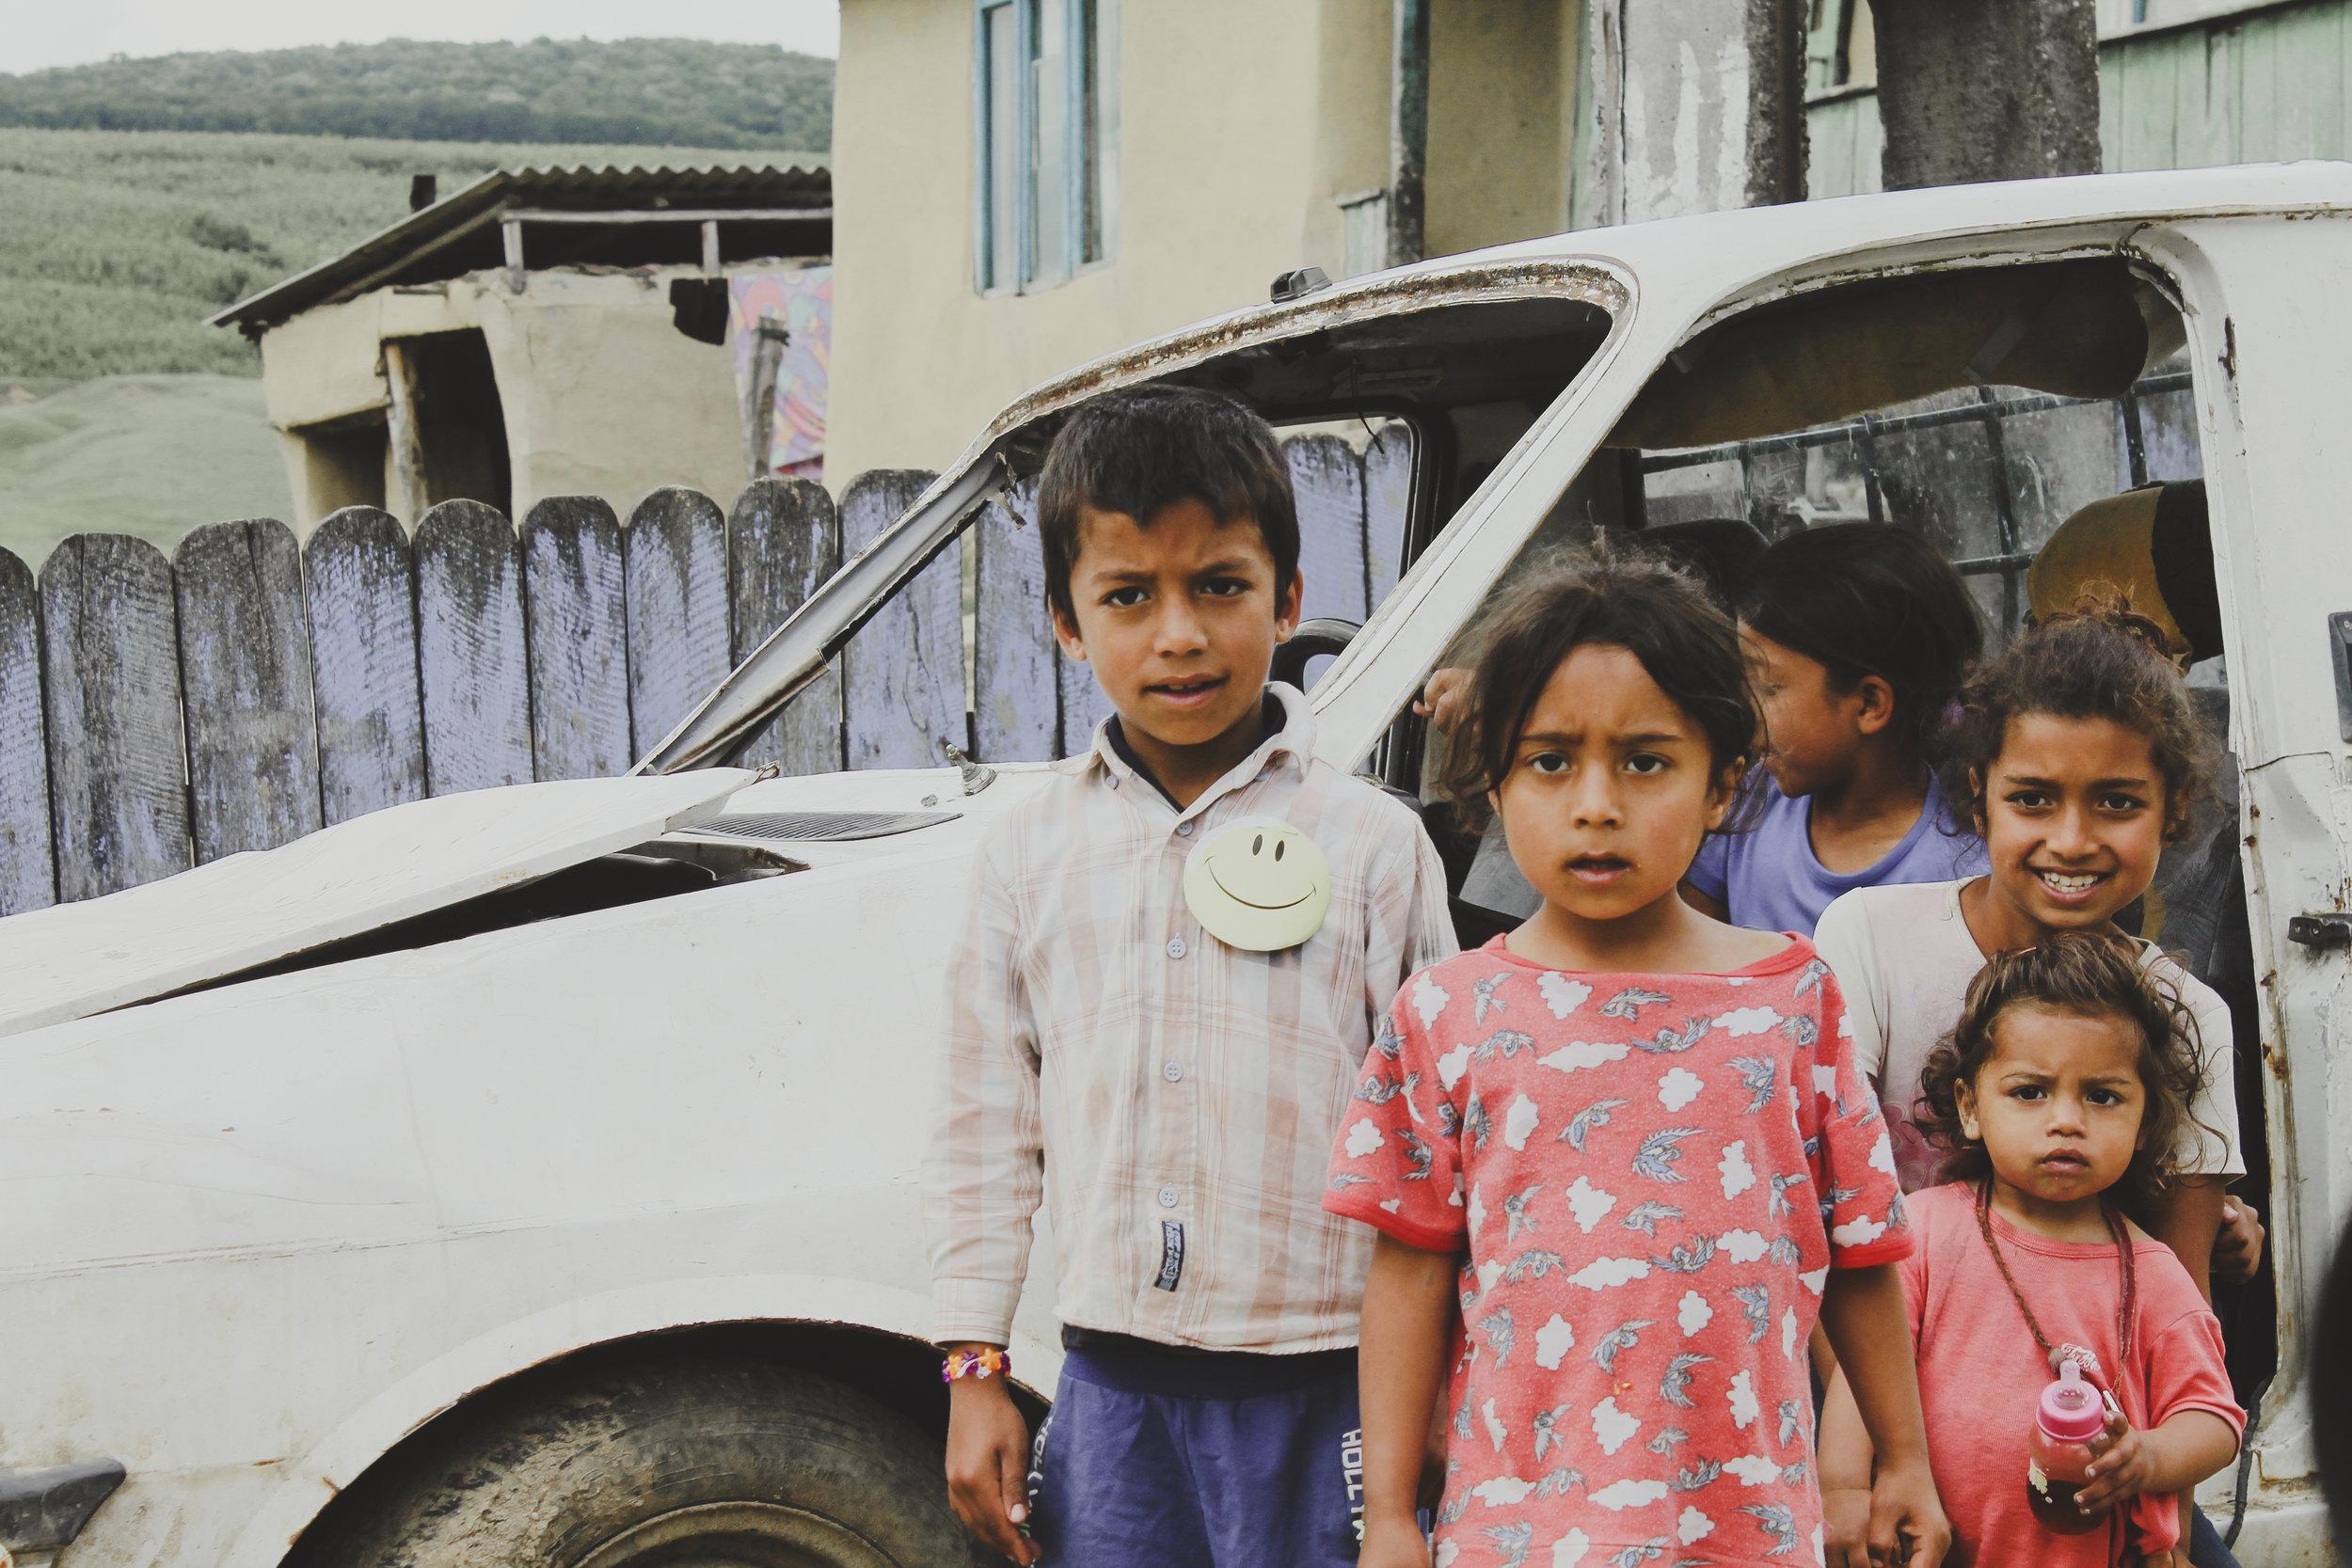 """Schauen sie es sich gut an!   Das sind Kinder unserer EU.   Sie kennen weder Wohlstand noch Luxus.   Es liegt in unserer Verantwortung was aus ihnen wird.   Eine faire Chance verdient jeder Mensch, oder?   Darum ist unser Programm """"Kinder in die Schule""""   so wichtig."""